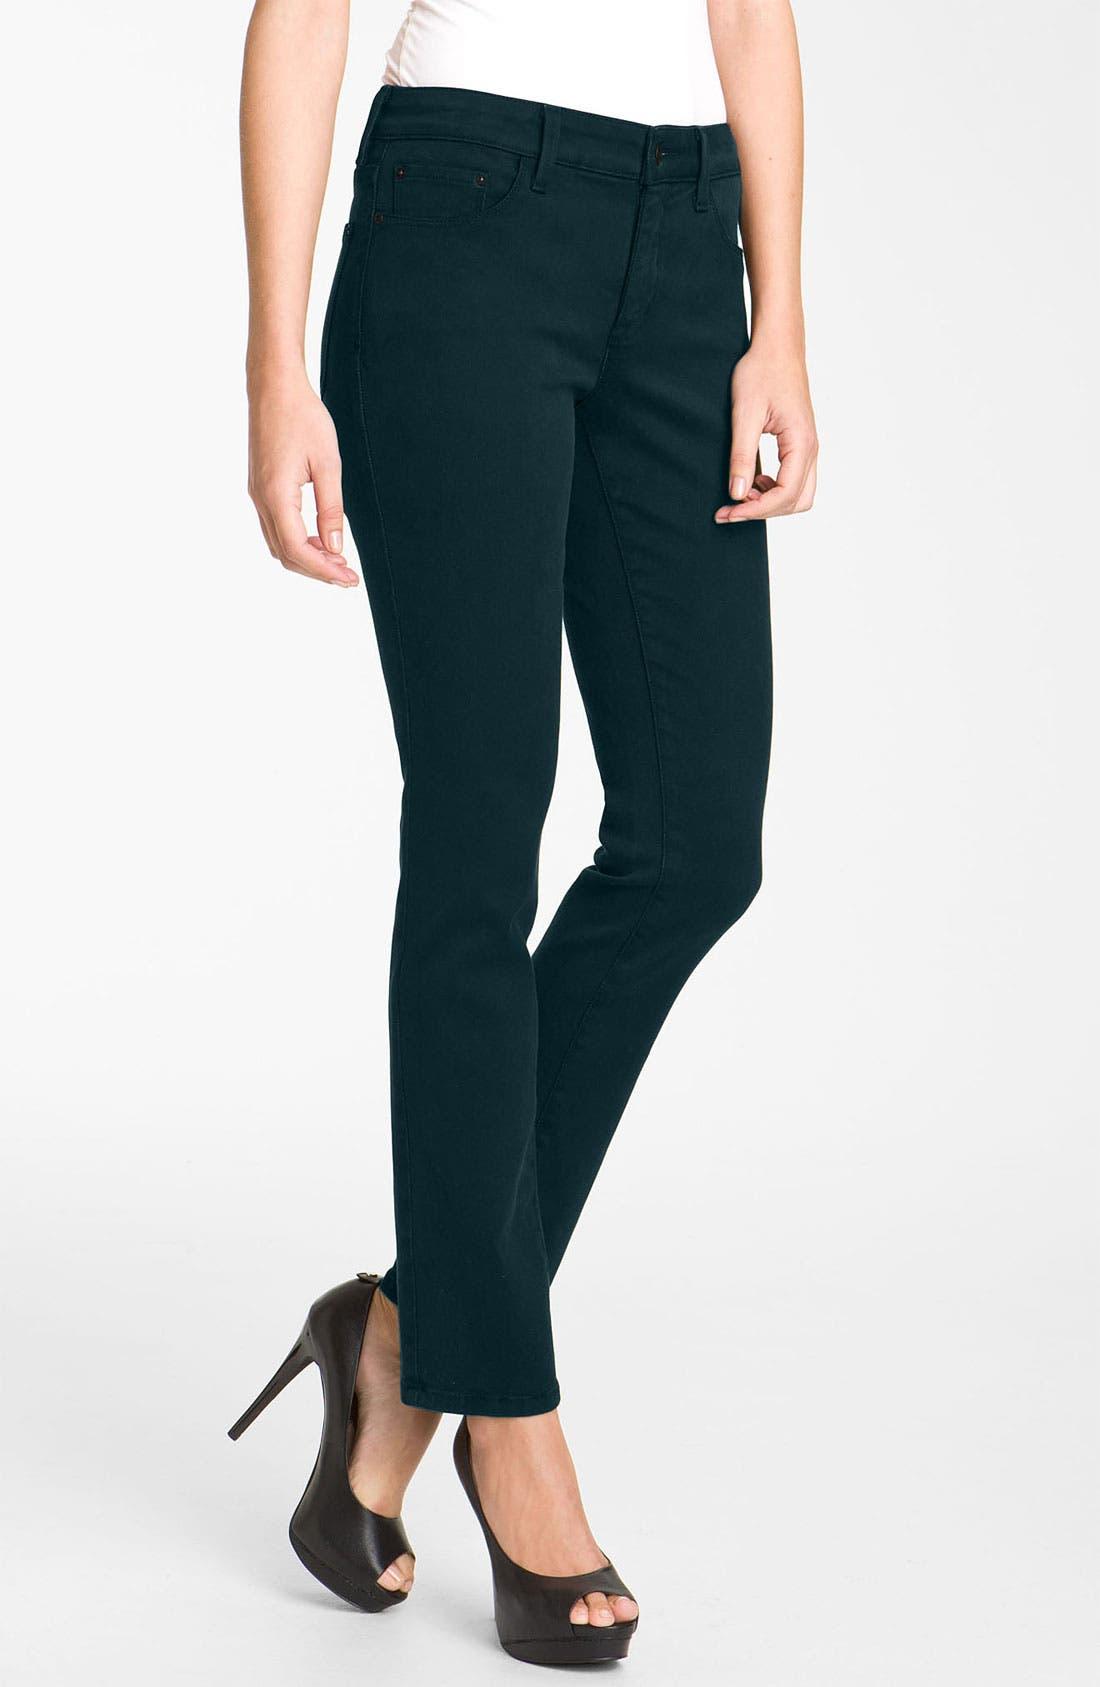 Alternate Image 1 Selected - NYDJ 'Jade' Denim Leggings (Petite)